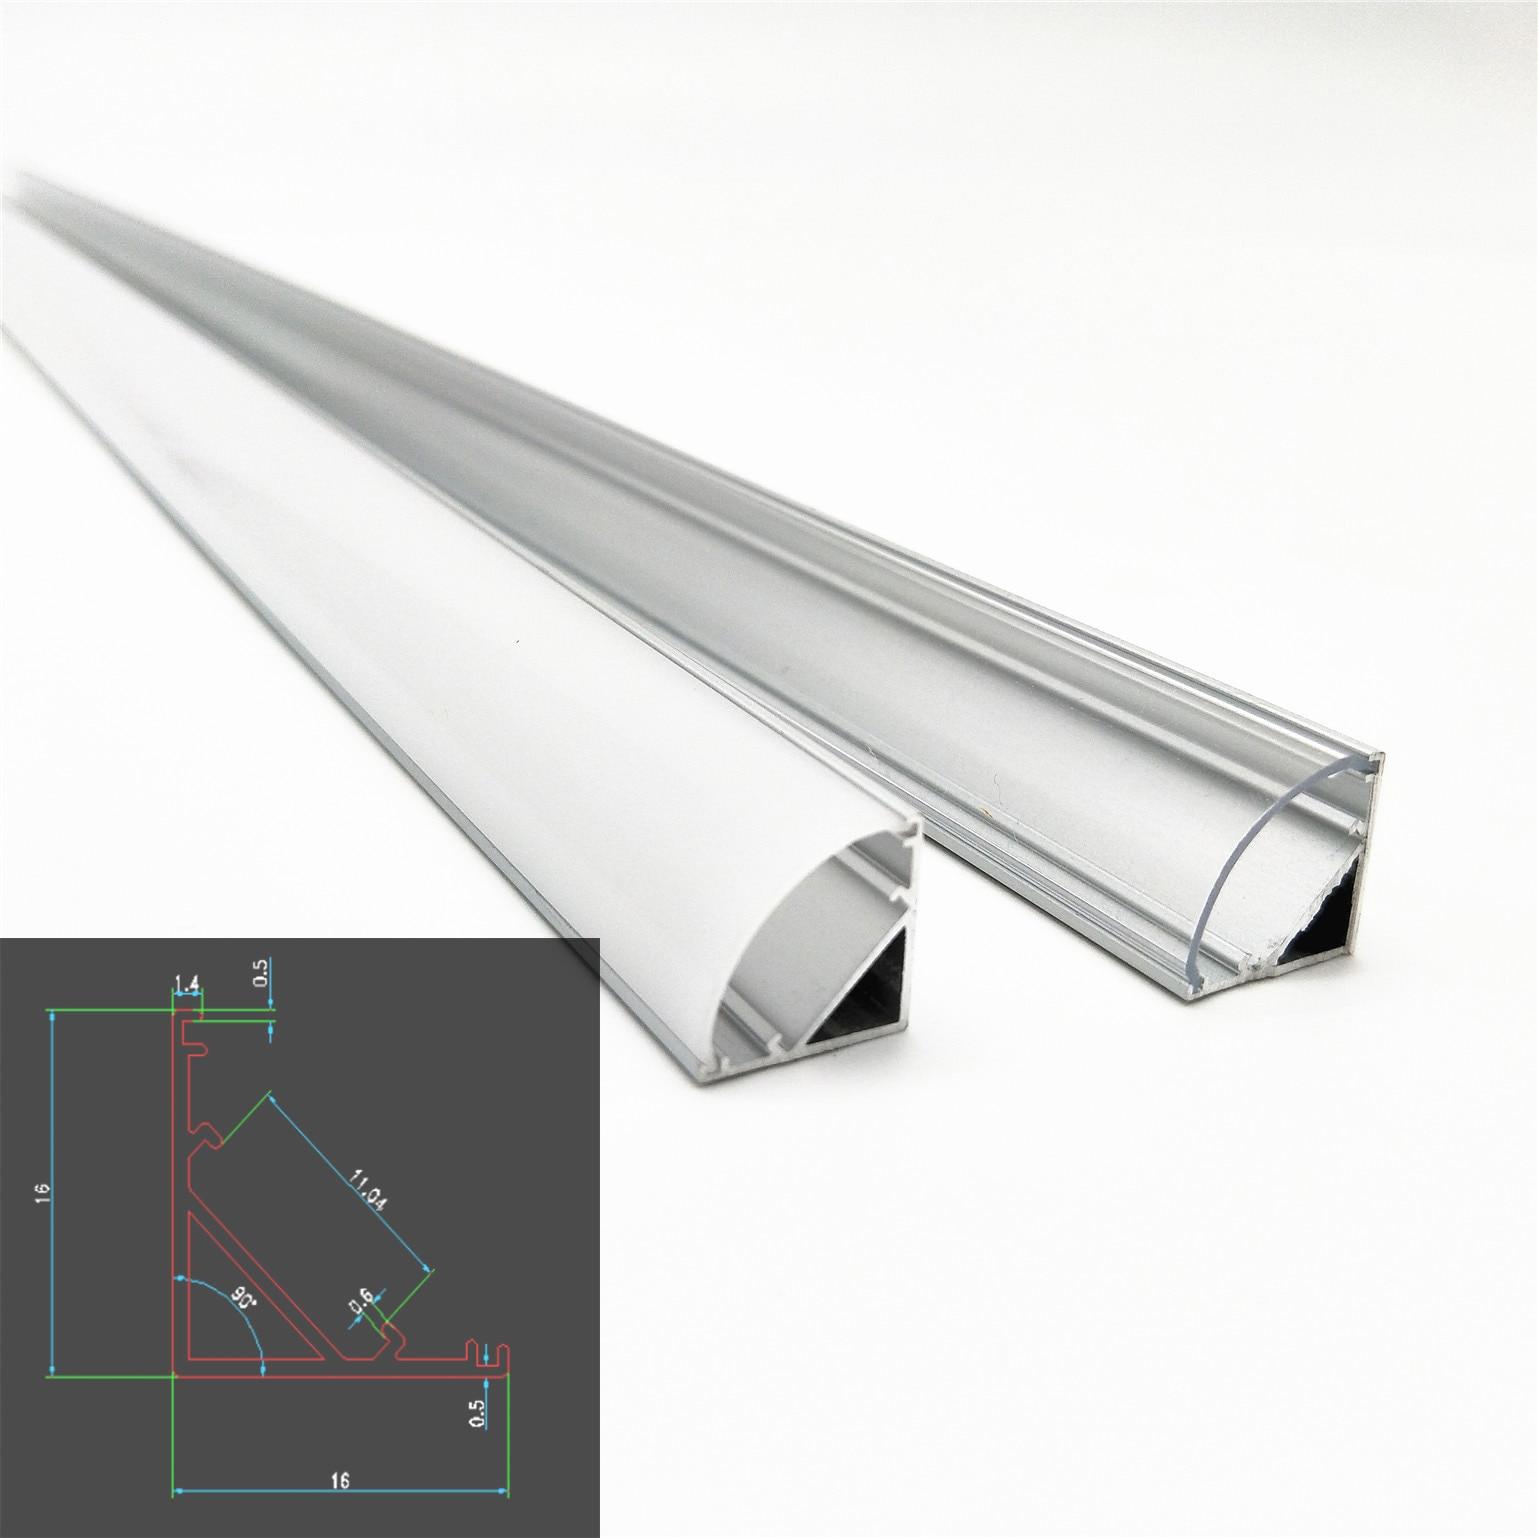 4 x 50cm Weiß LED Streifen Beleuchtung Glas Schrank Regal Display Licht Set